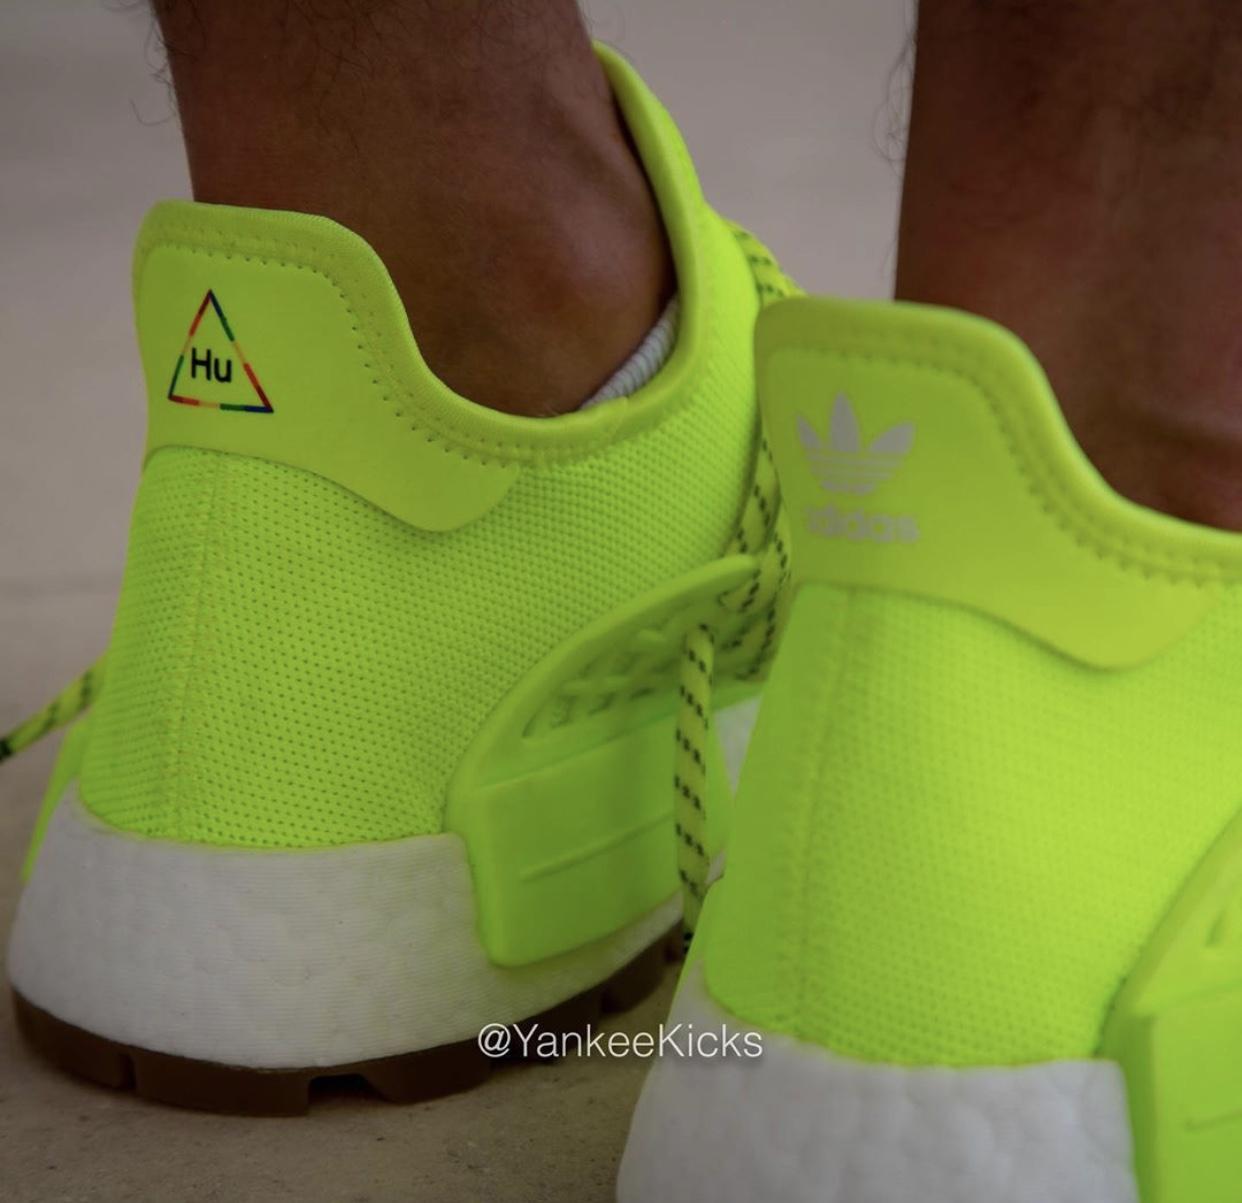 adidas NMD Hu Trail Know Soul Volt Gum On Feet